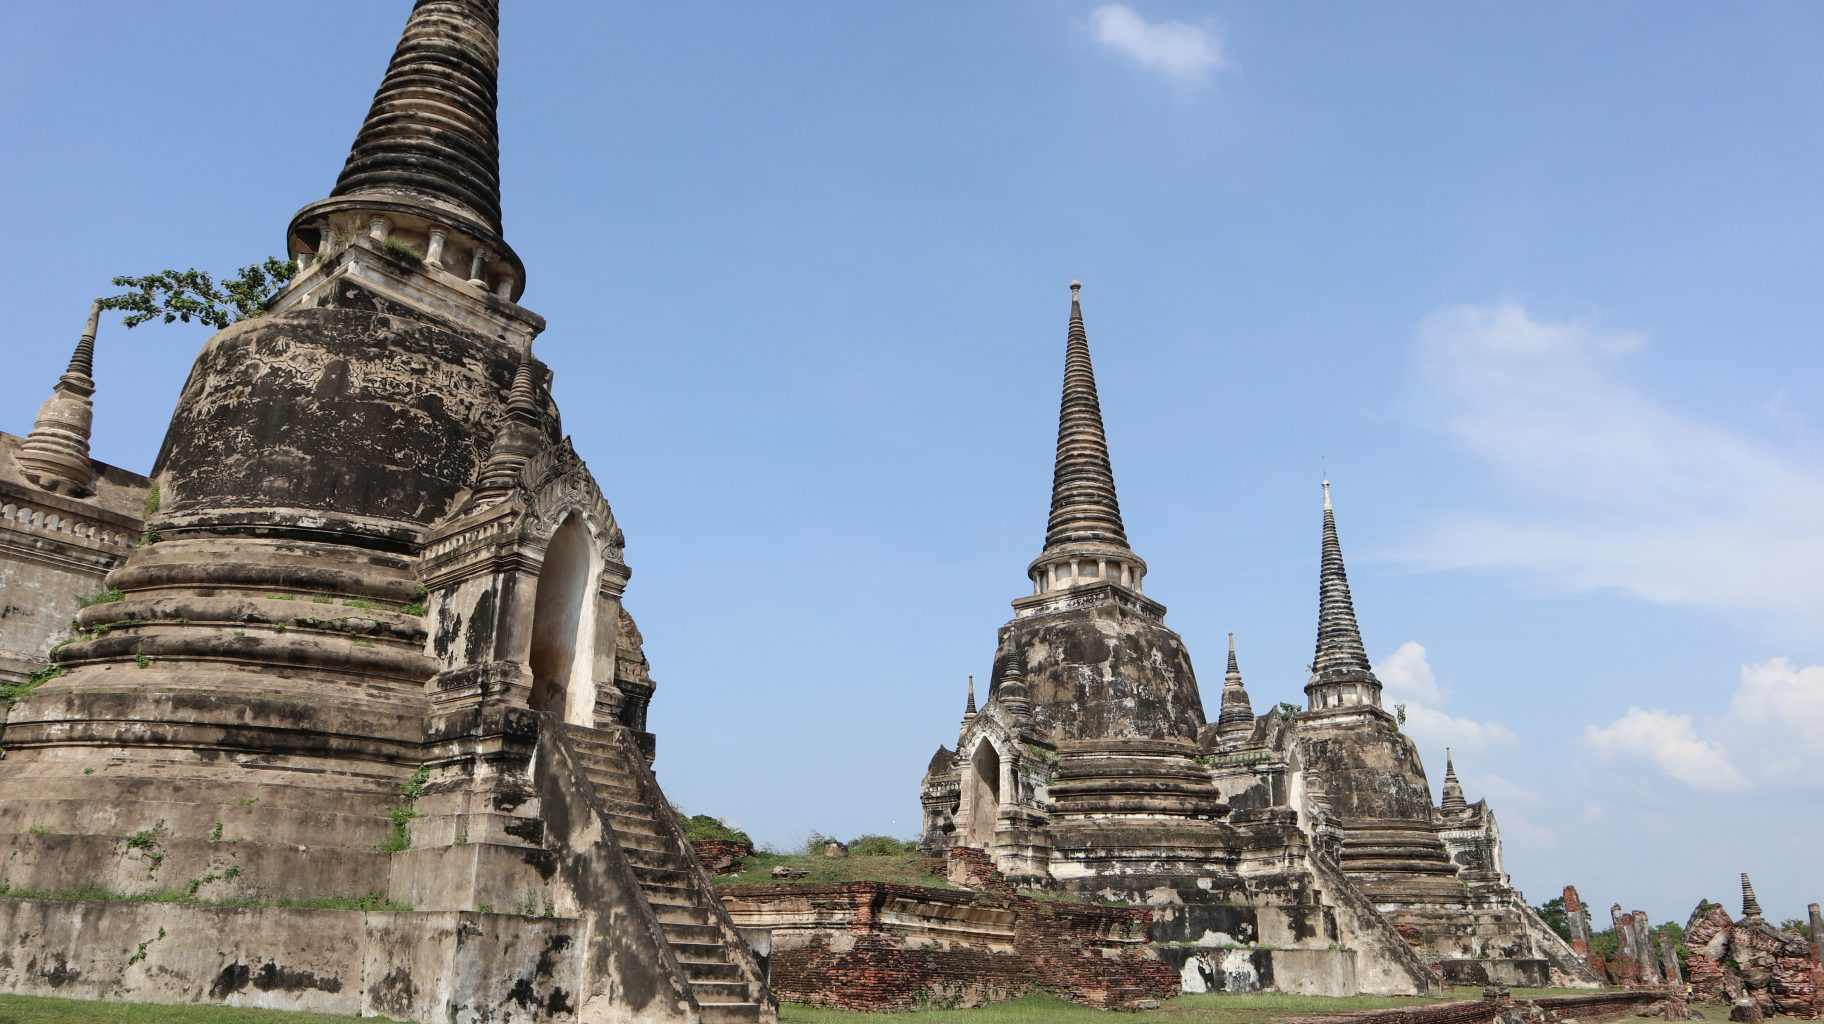 los 3 chedis de Phra Sri Sanphet. mercado del tren, el mercado flotante y ruinas de Ayutthaya